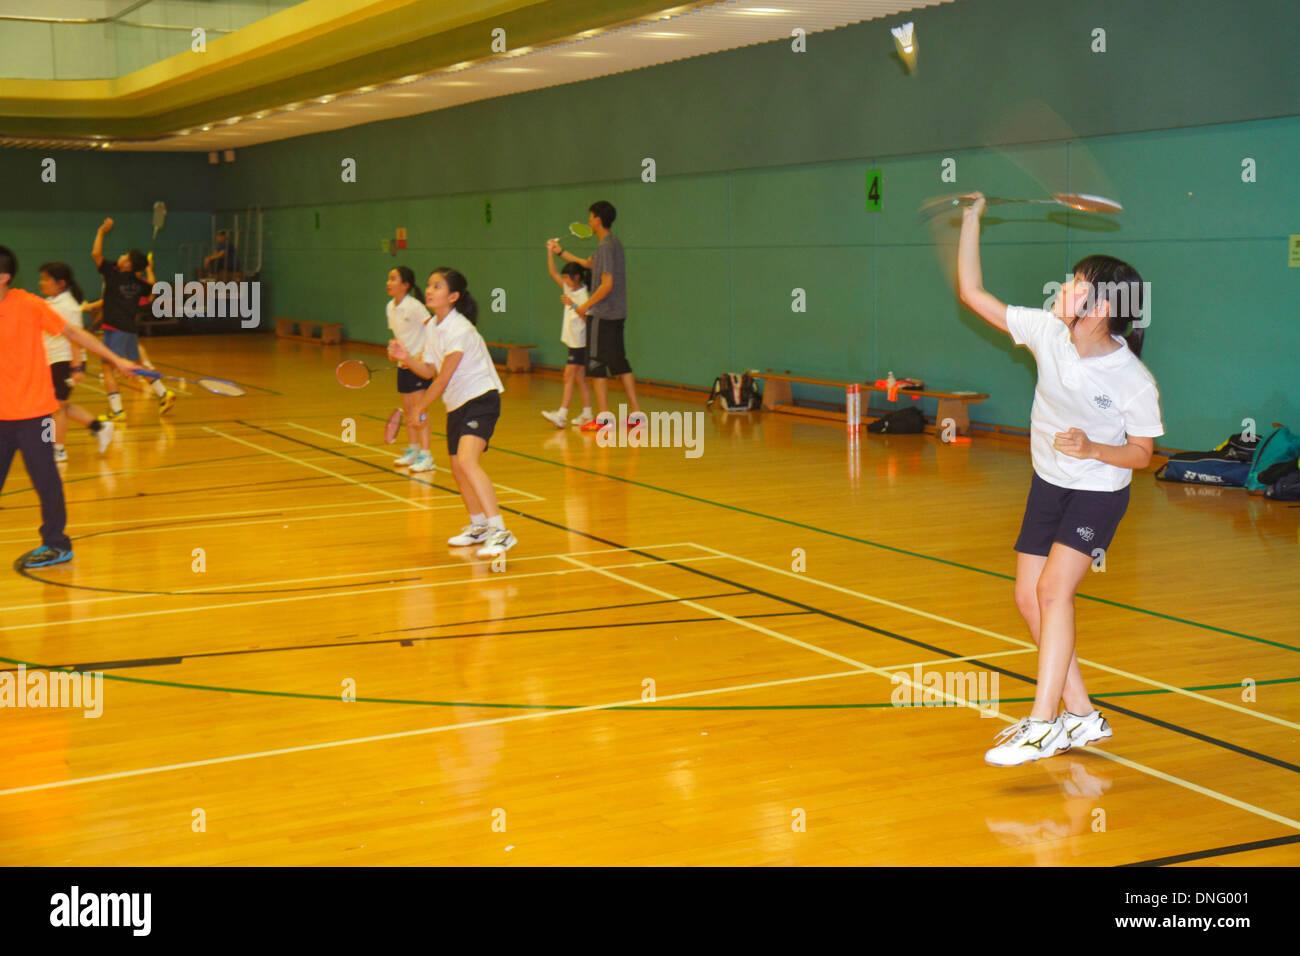 L'île de Hong Kong, Chine Hong Kong Central Park Sports Centre Centre de badminton gymnase intérieur Photo Stock